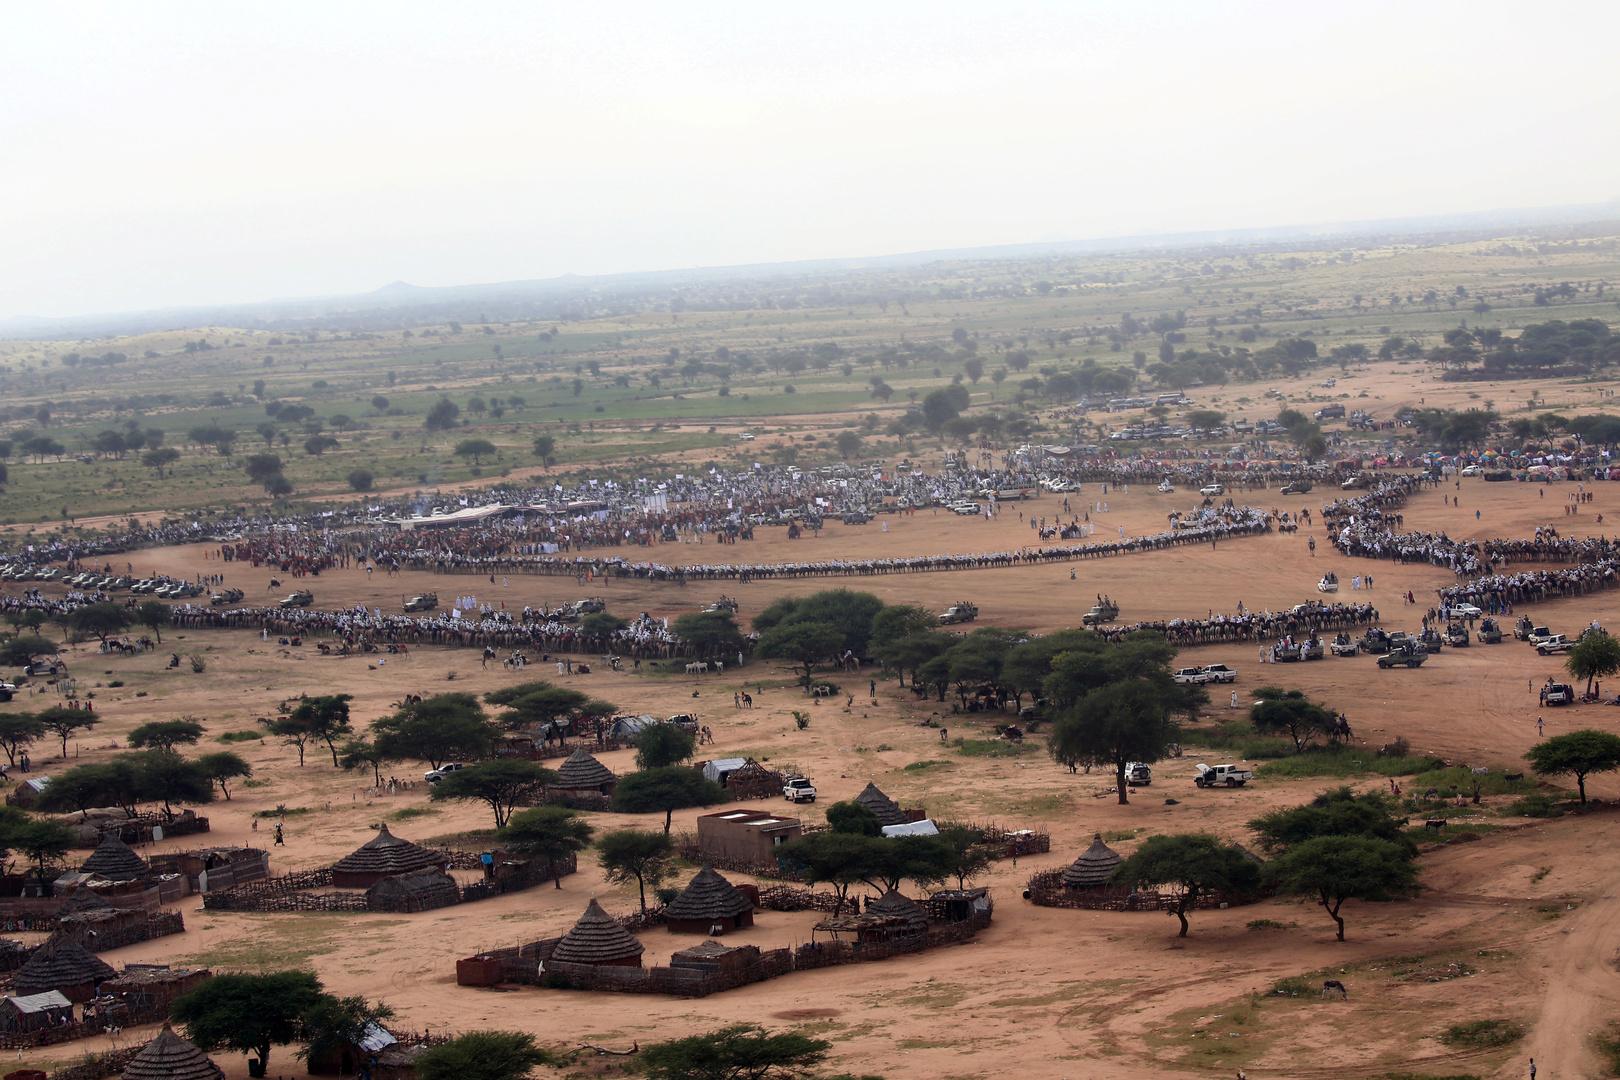 مخالف للمواصفات الهندسية.. انهيار سد كندية الجديد بولاية دارفور في السودان (الصورة من الأرشيف)